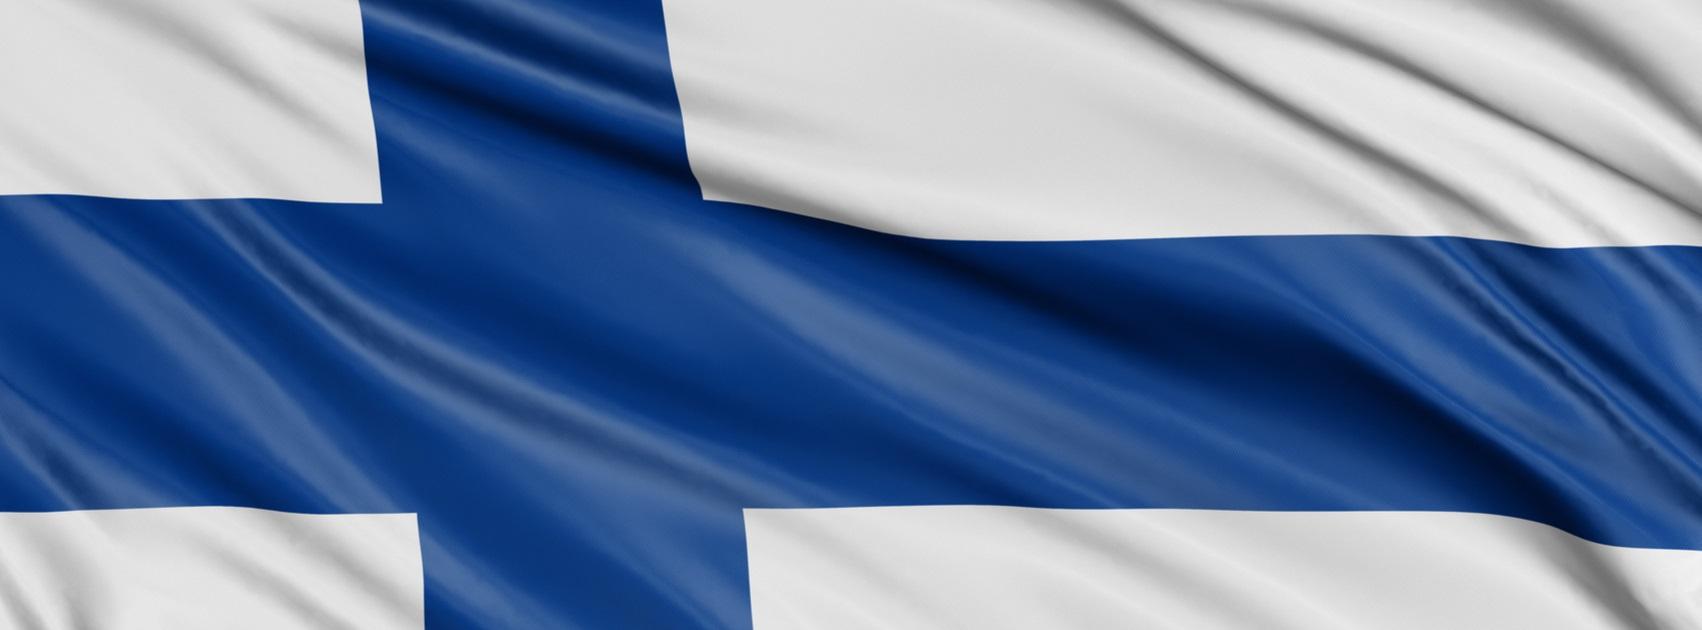 översättning Finska Svenska